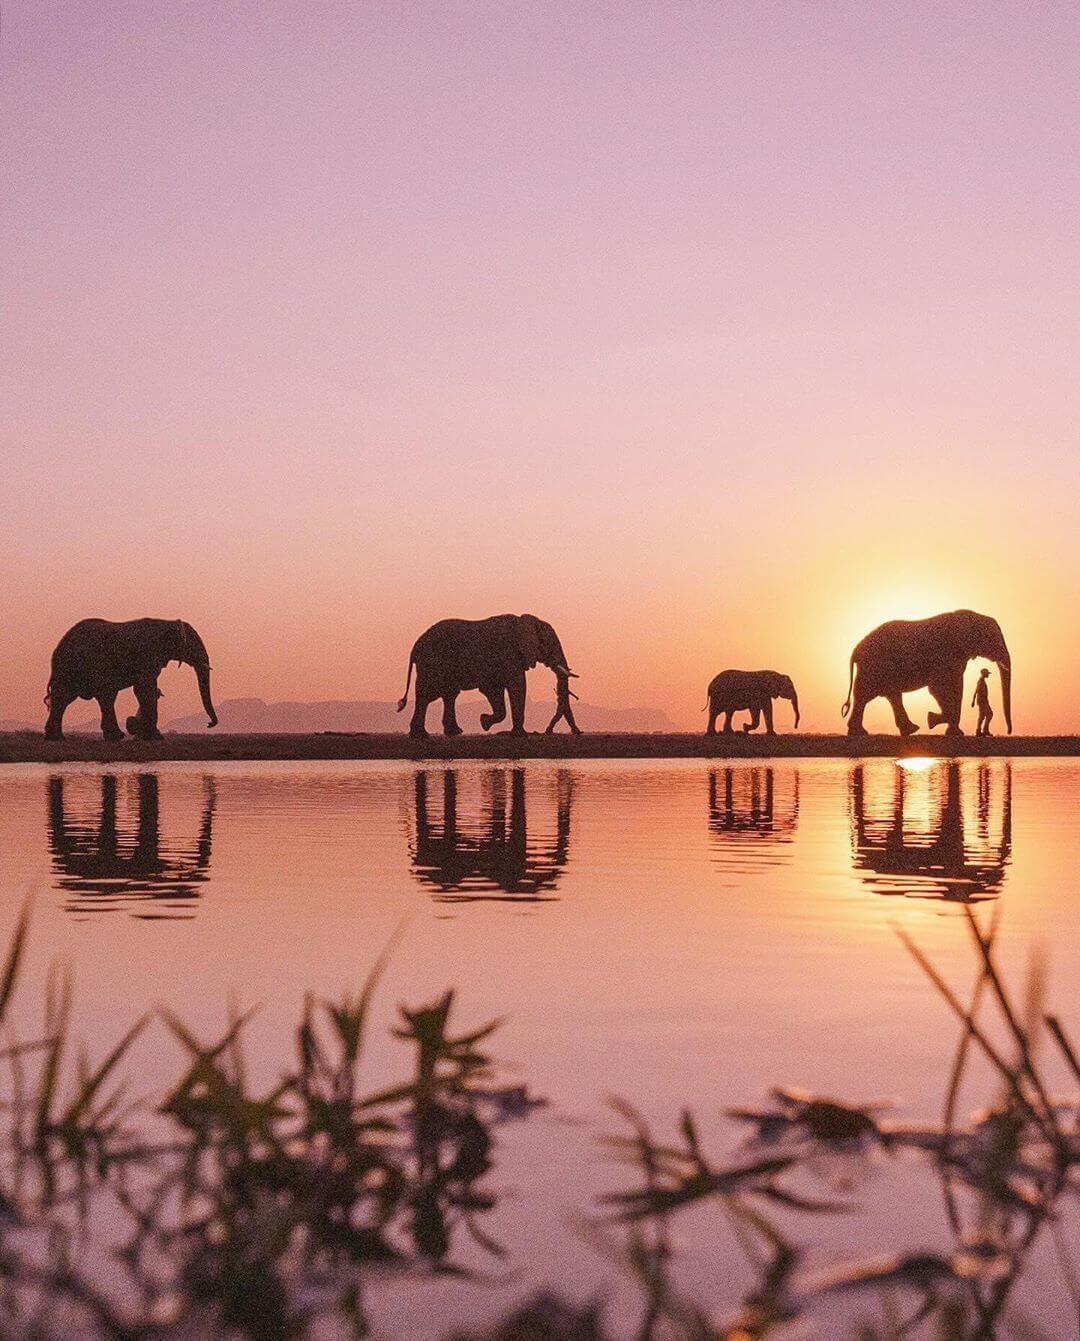 Группа слонов